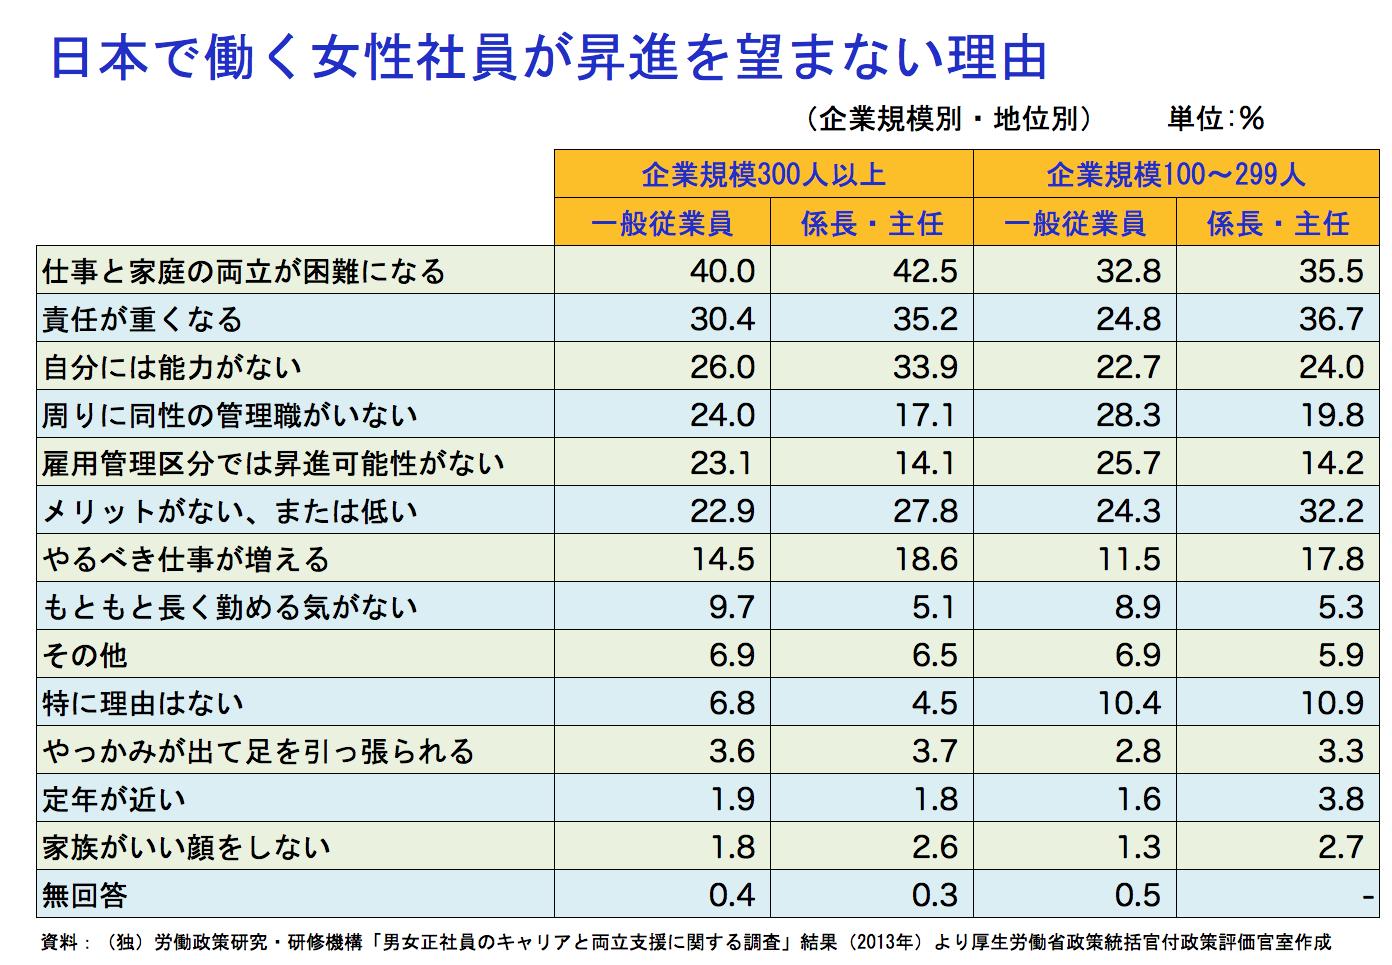 マネセツ156(岩城)専業主婦希望率・第1位の日本/図③